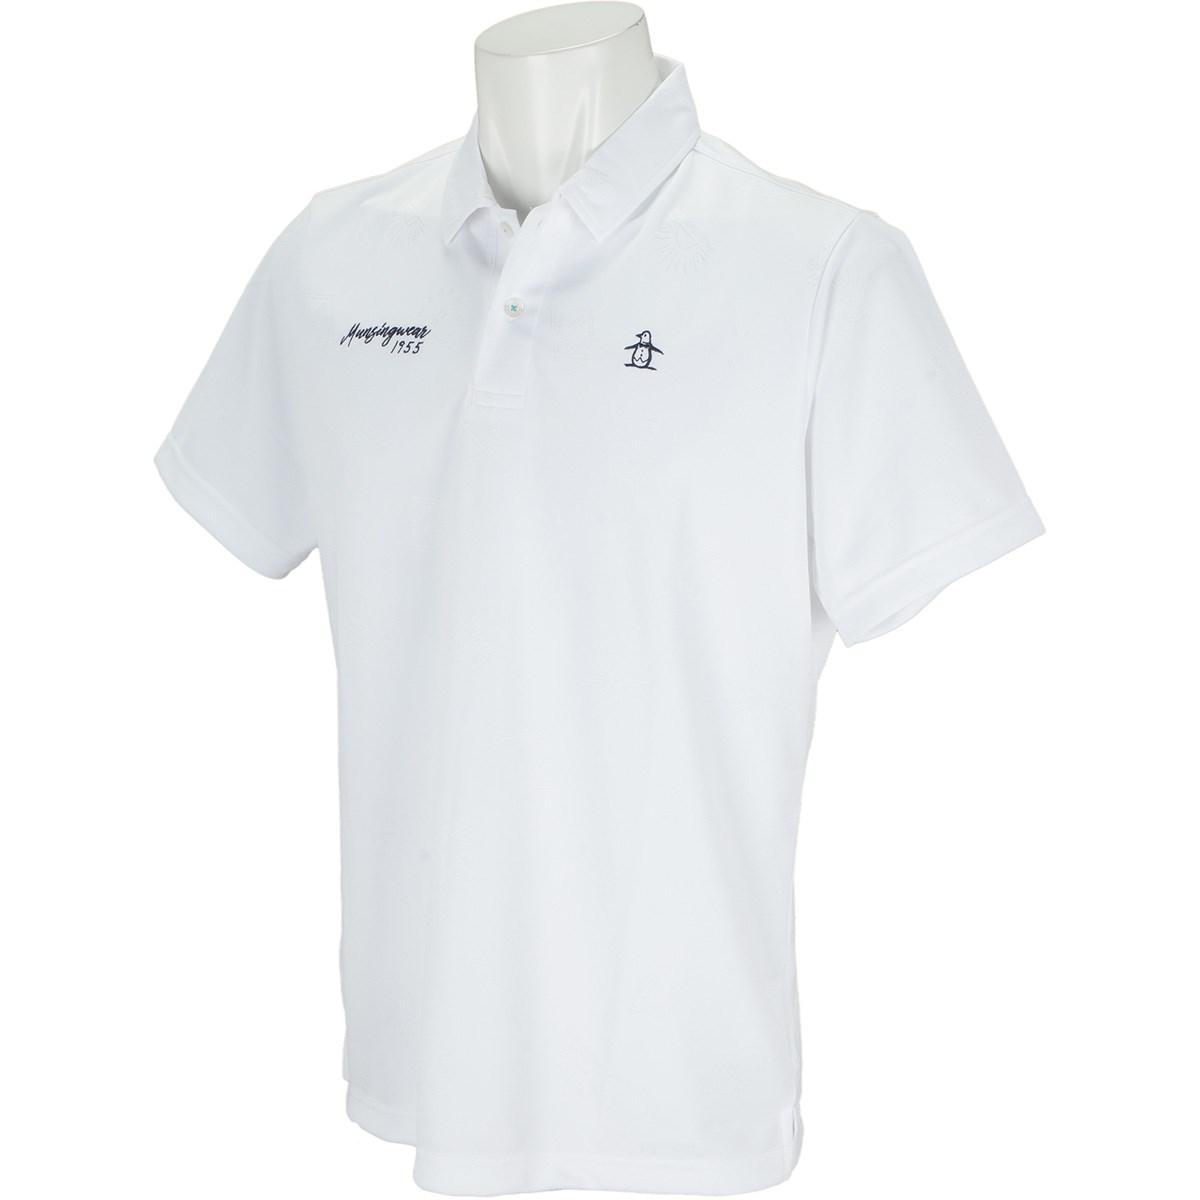 マンシングウェア Munsingwear GDO限定半袖ポロシャツ M ホワイト 00